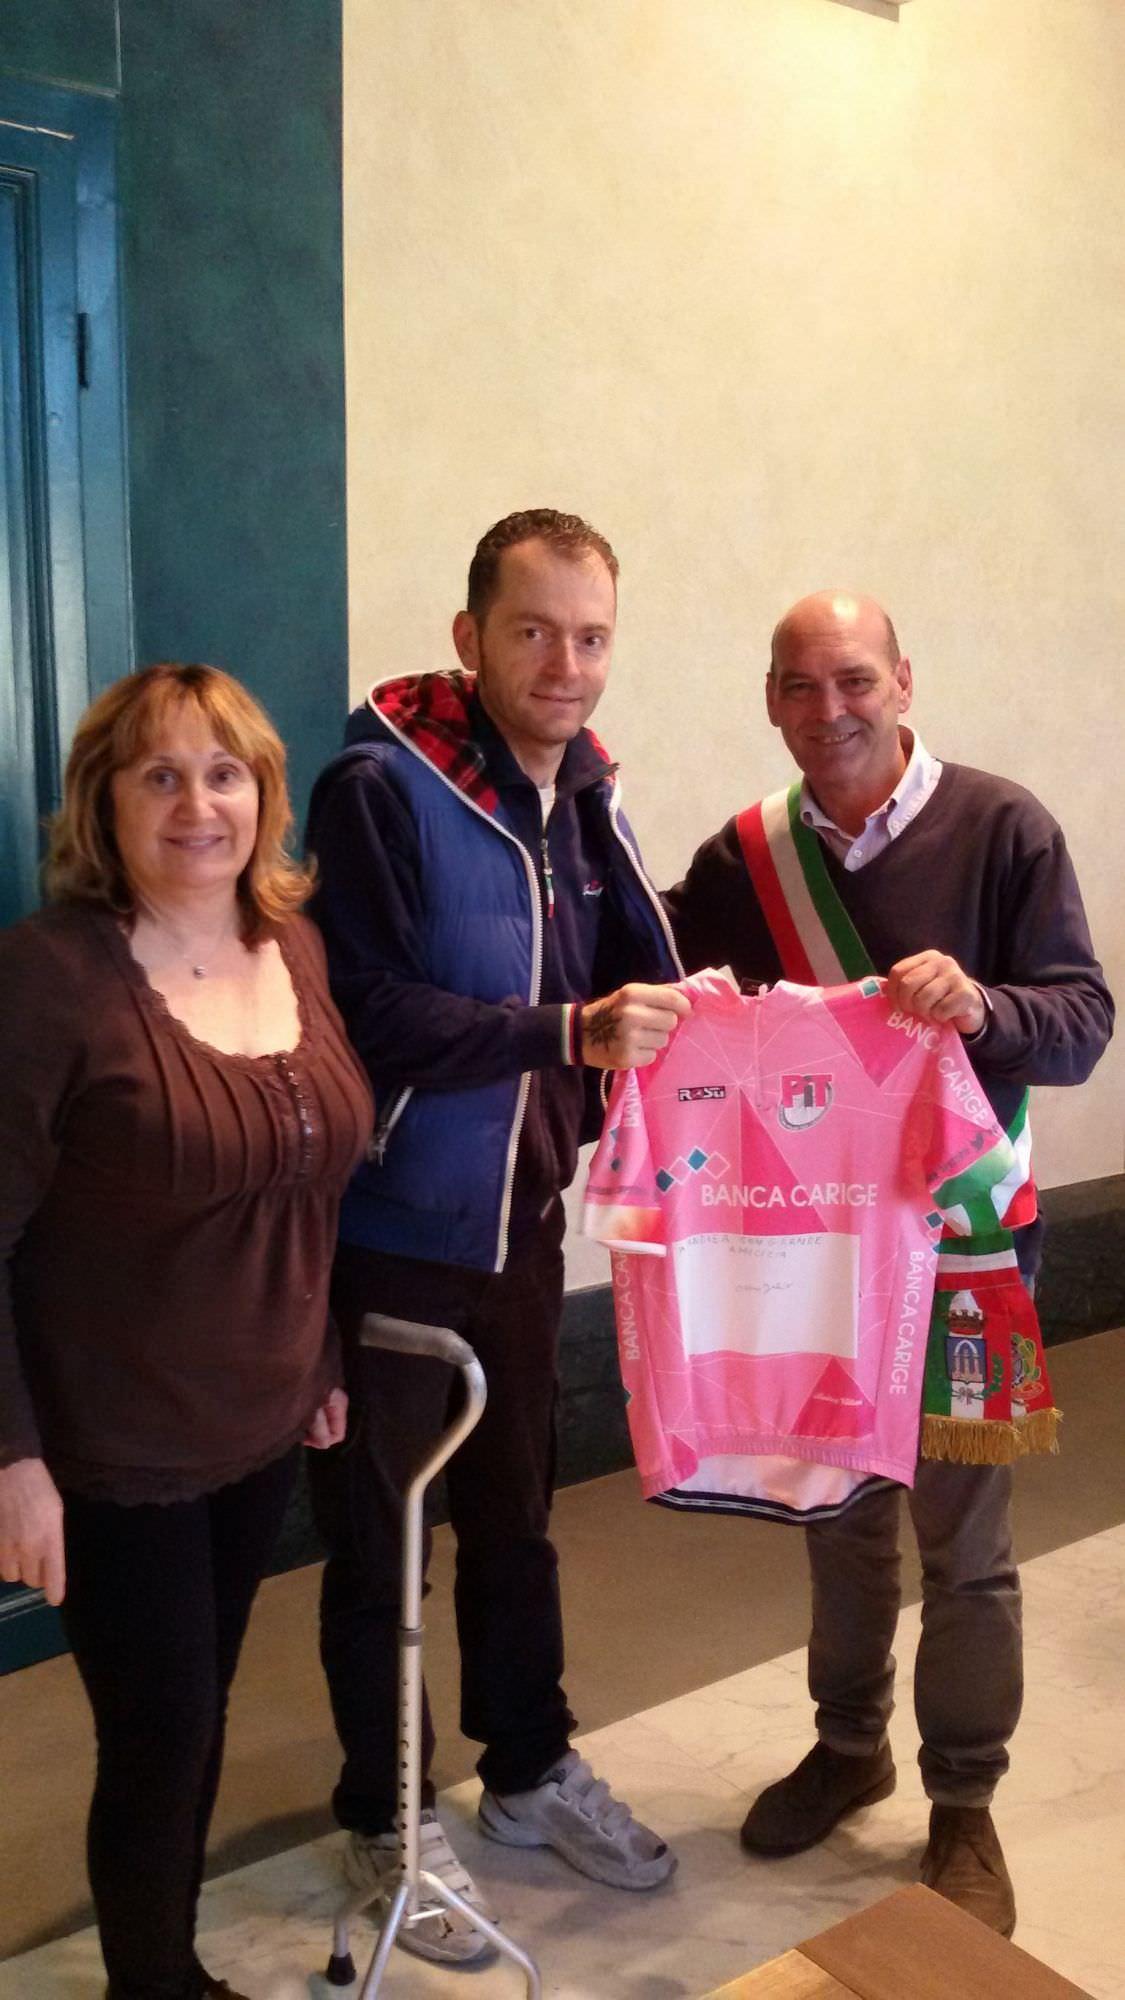 Una maglia rosa per Pietrasanta. Il campione Fabio Nari in municipio